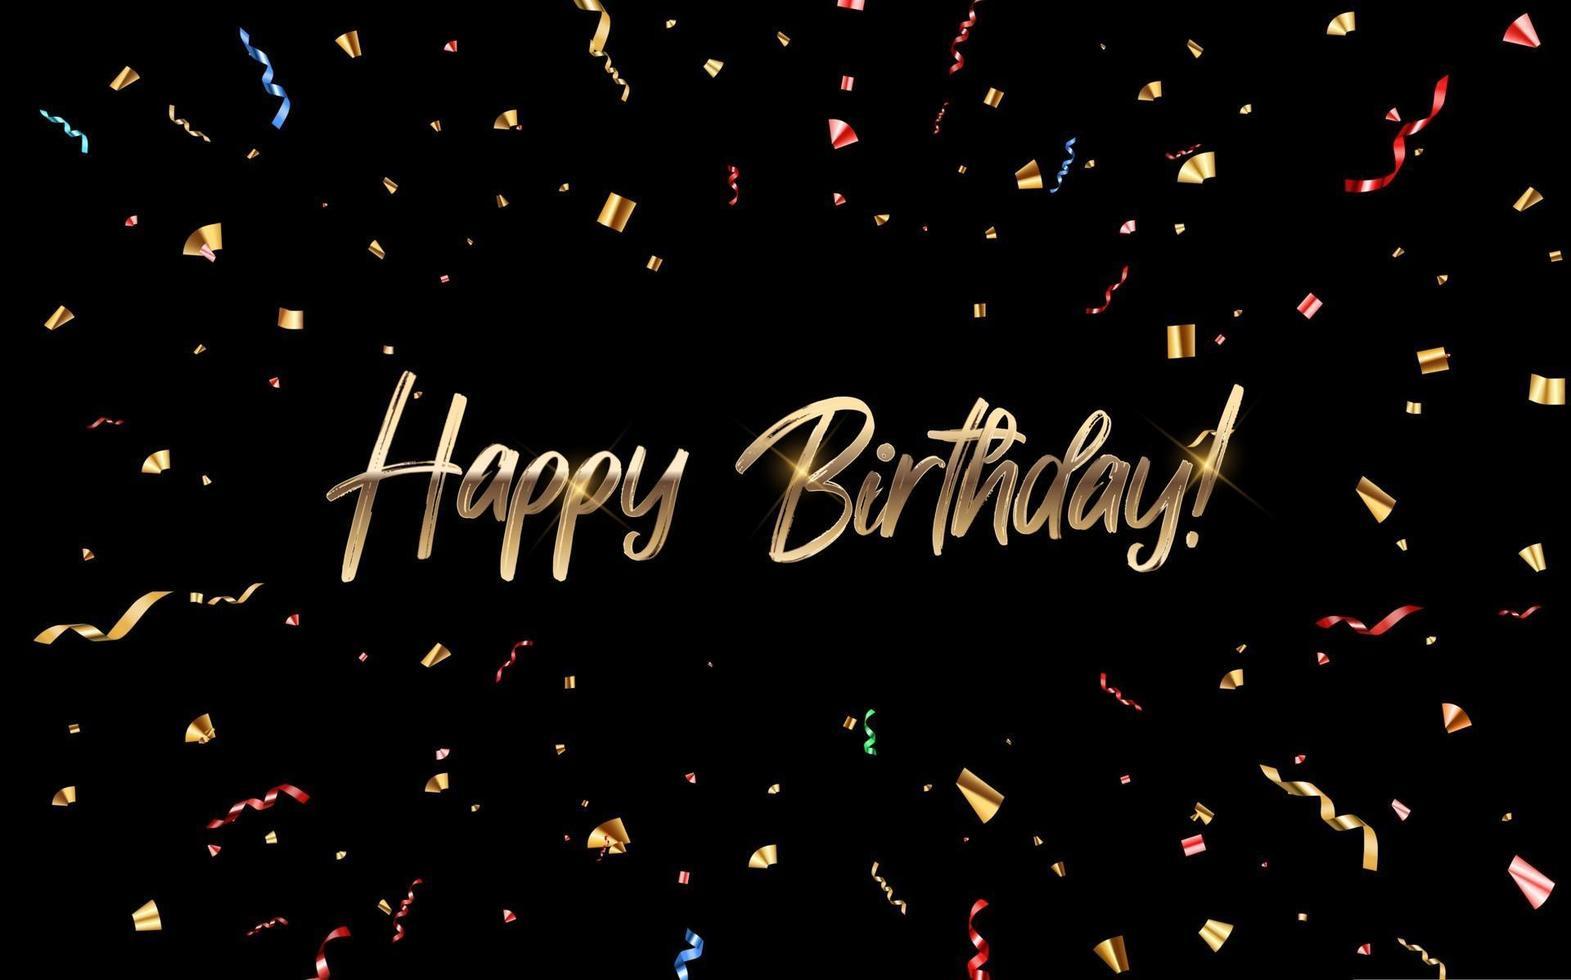 buon compleanno congratulazioni banner design con coriandoli e nastro glitterato lucido per sfondo vacanza festa. illustrazione vettoriale